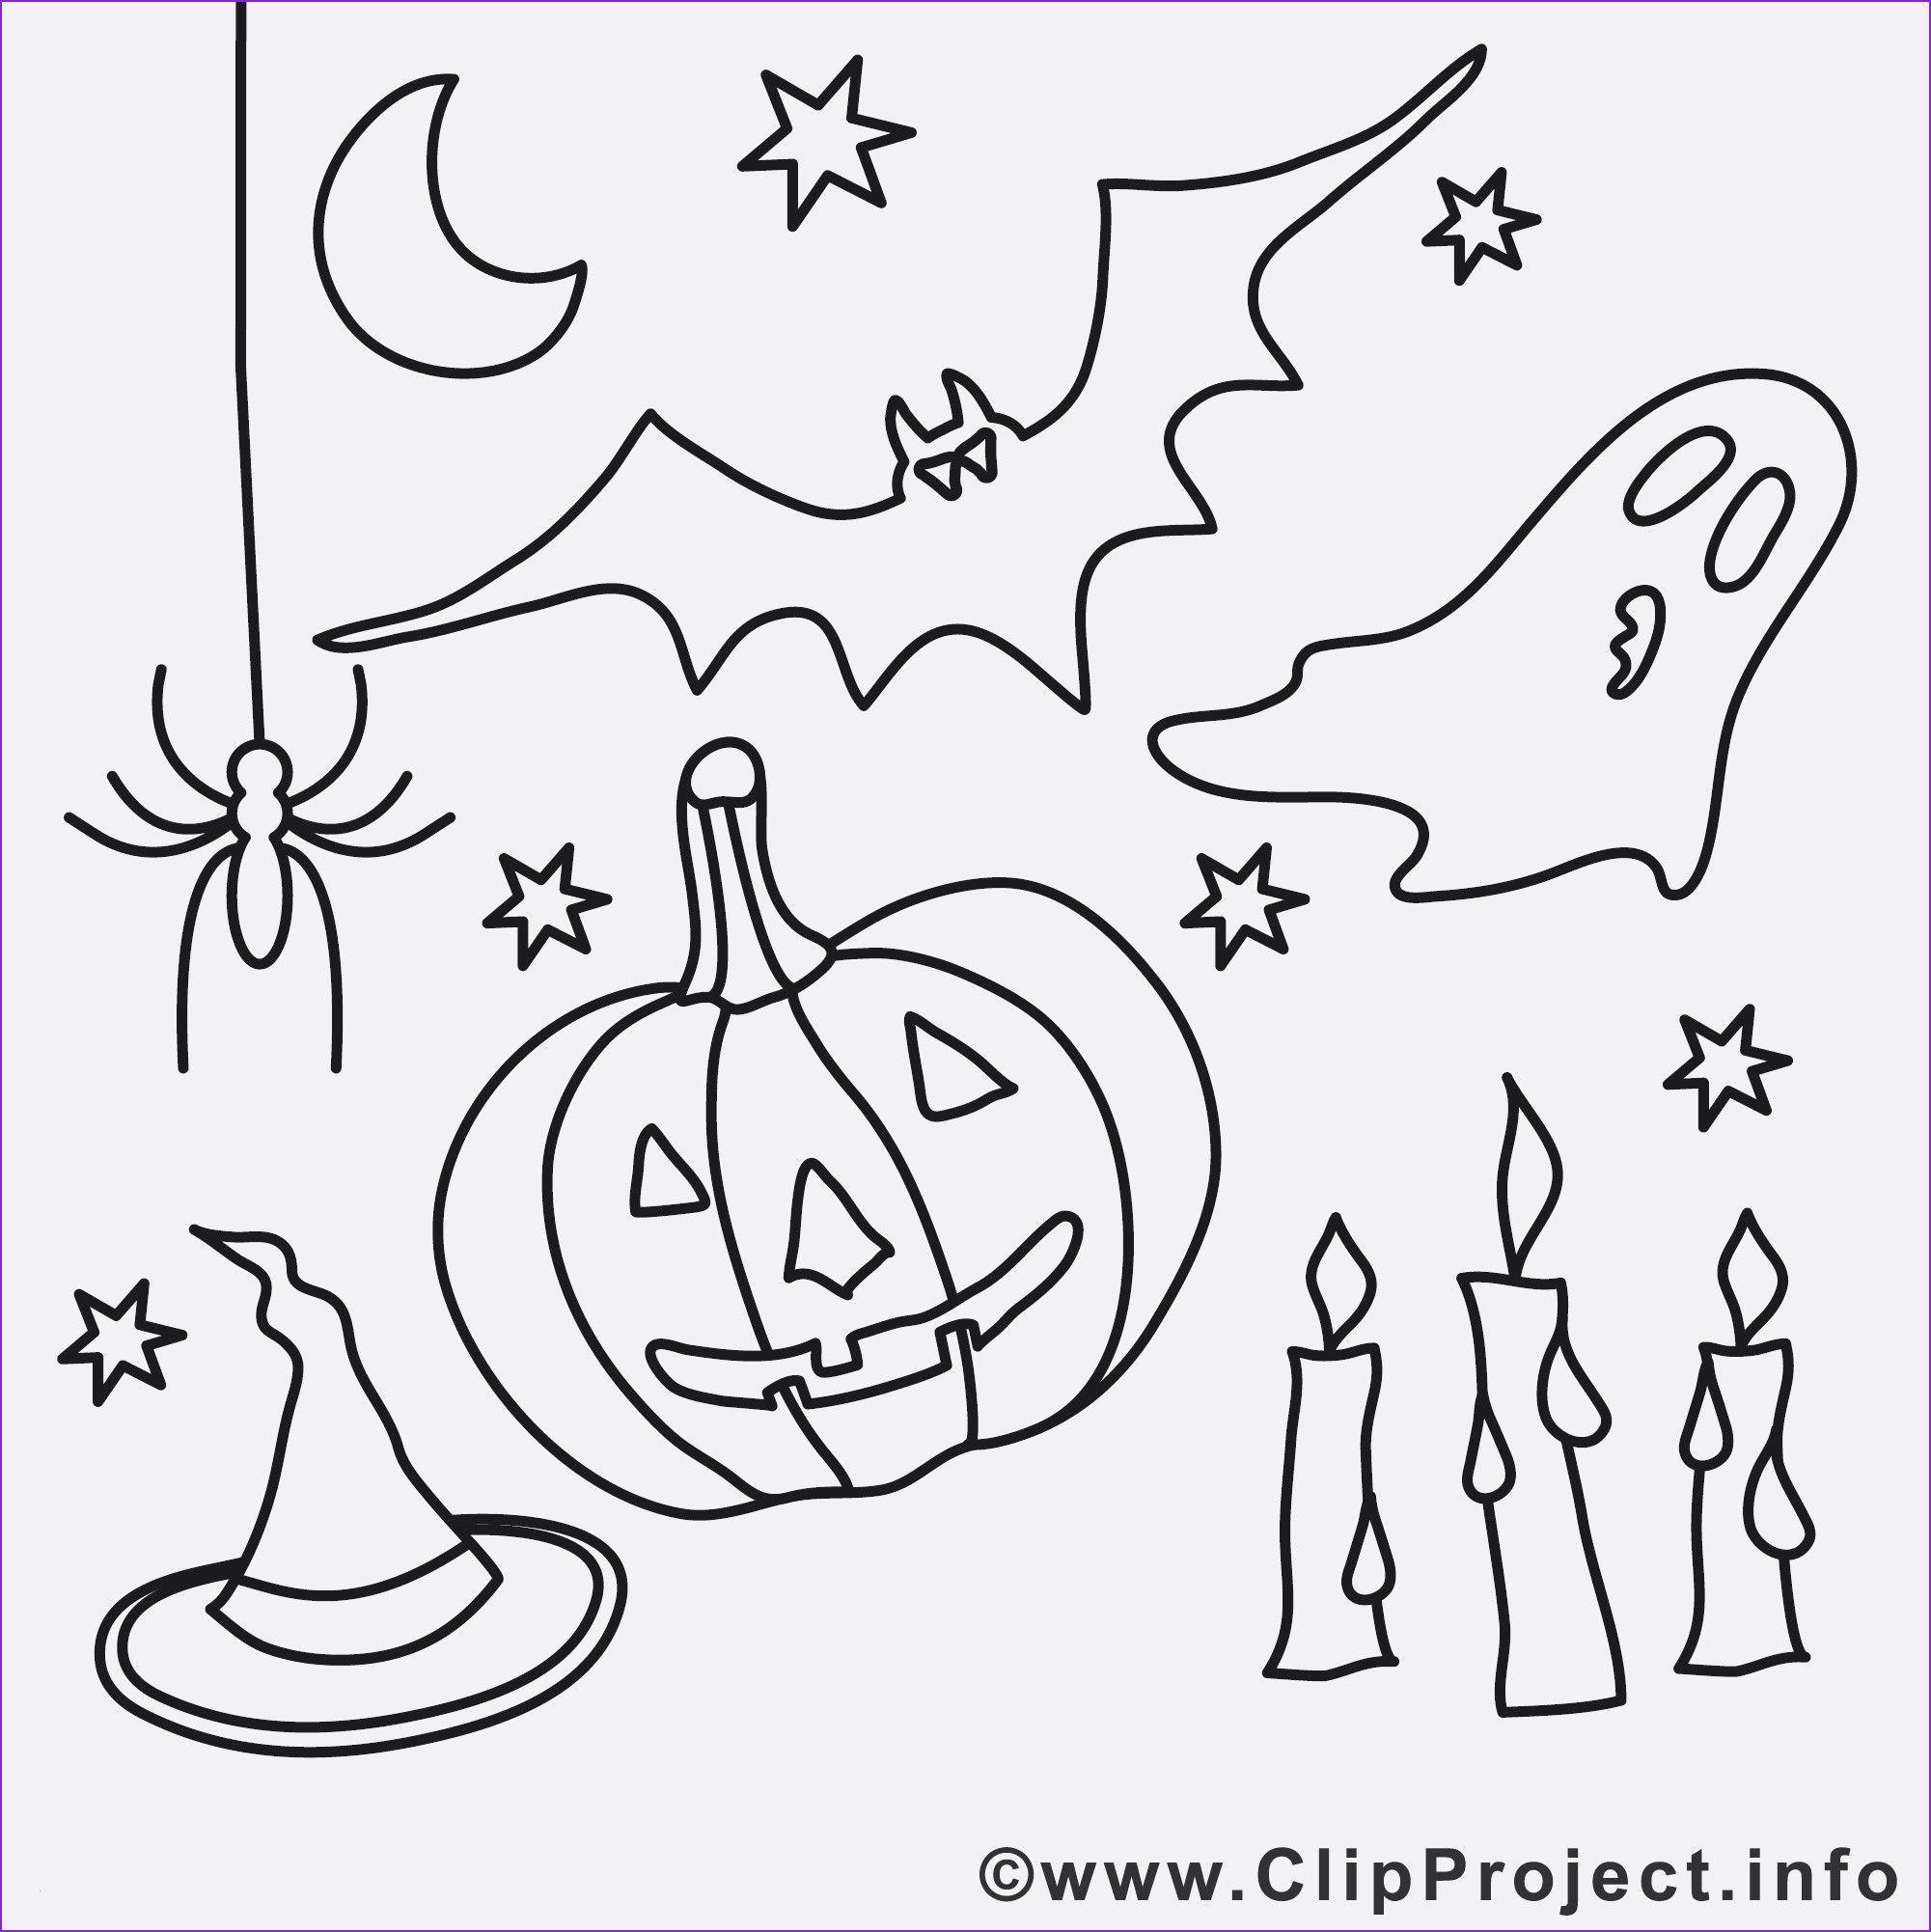 Halloween Malvorlagen Kostenlos Ausdrucken  Halloween vorlagen